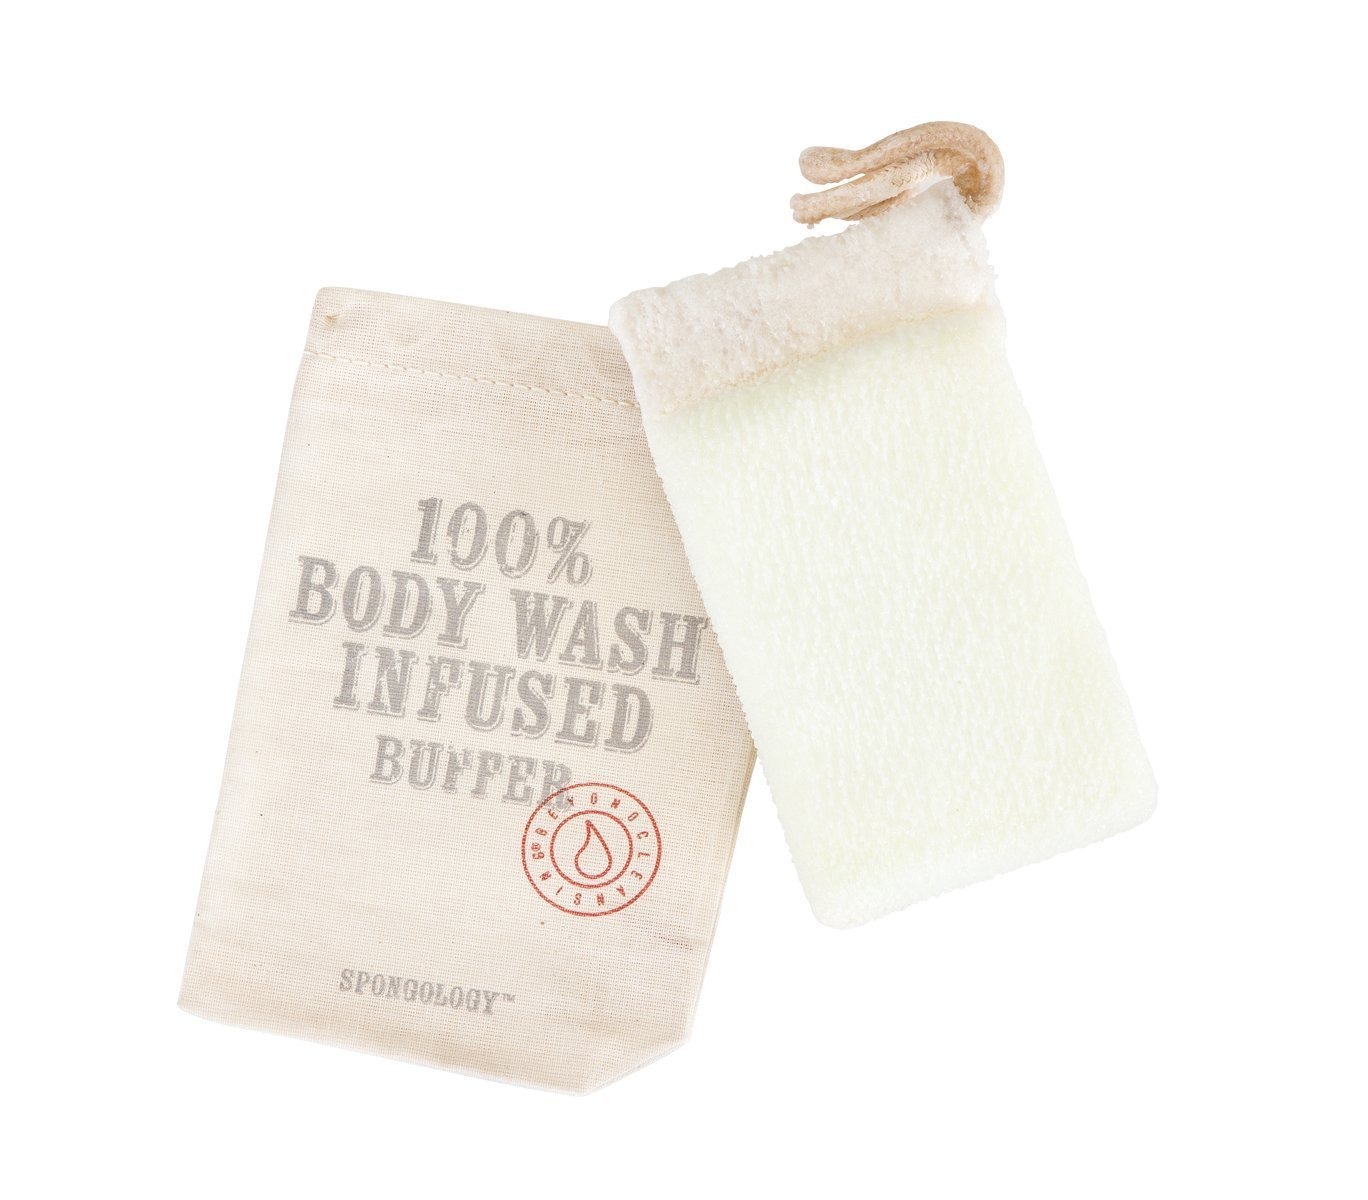 Wash Infused Body Buffer - Milk & Honey by Spongelle